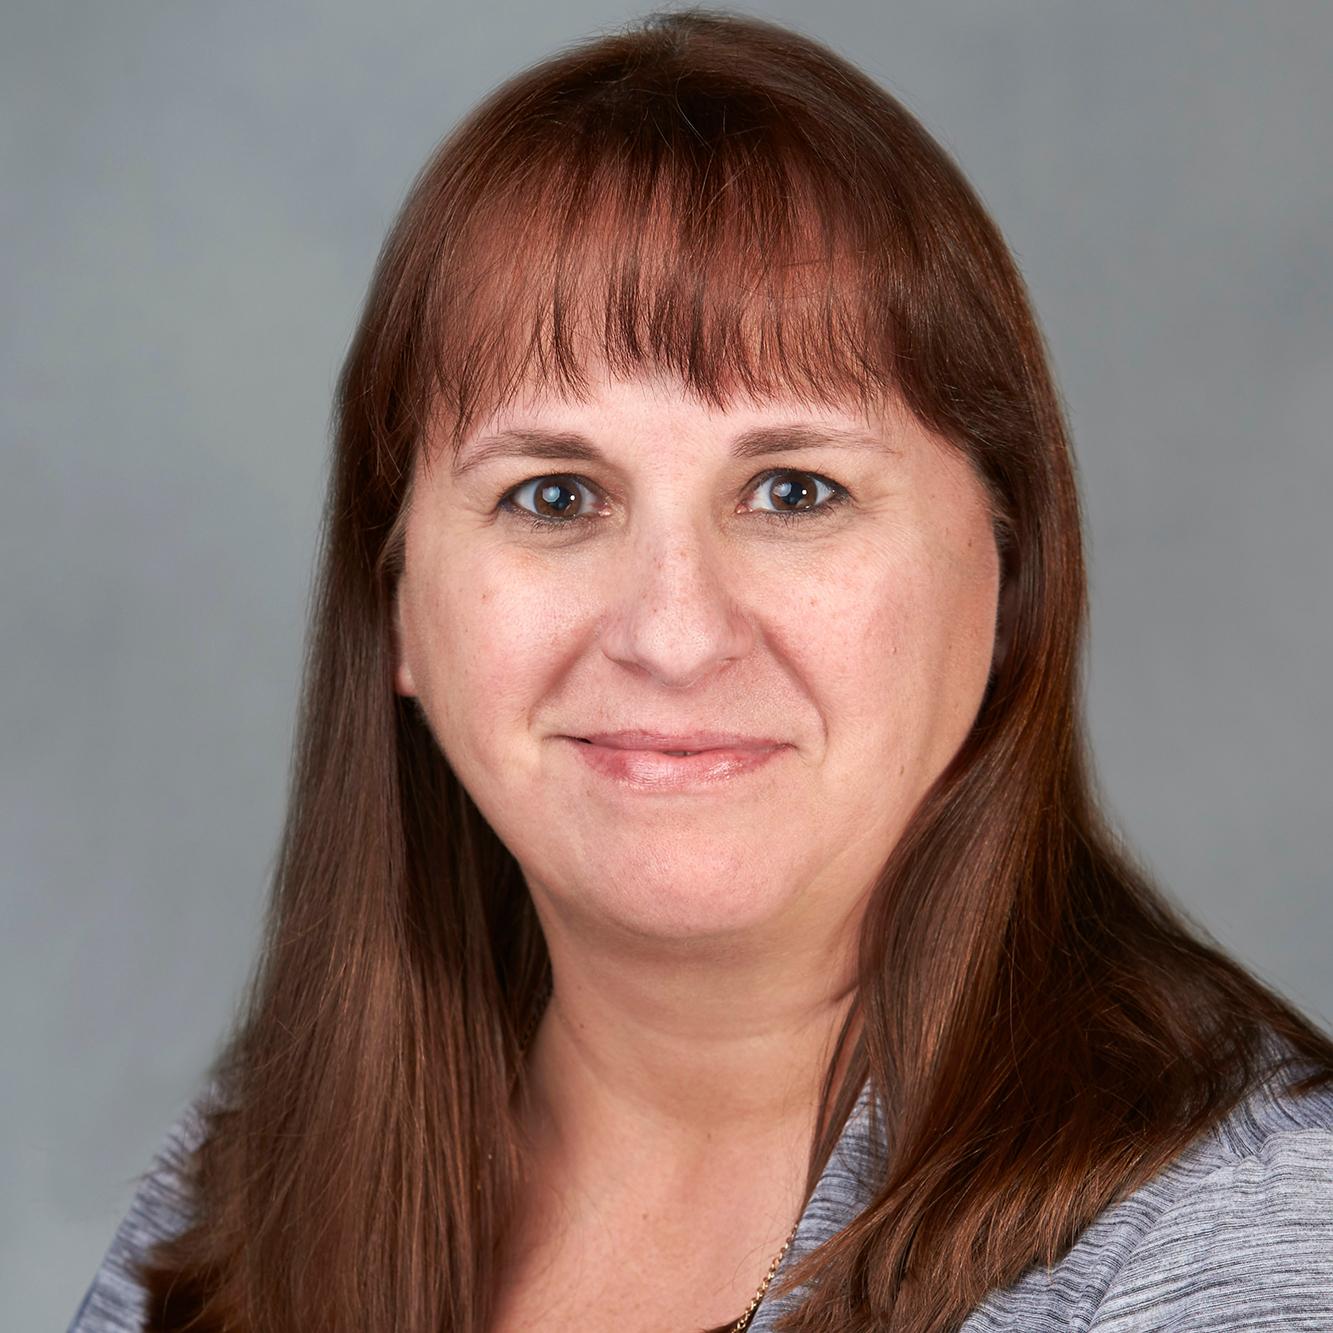 Jane Kober